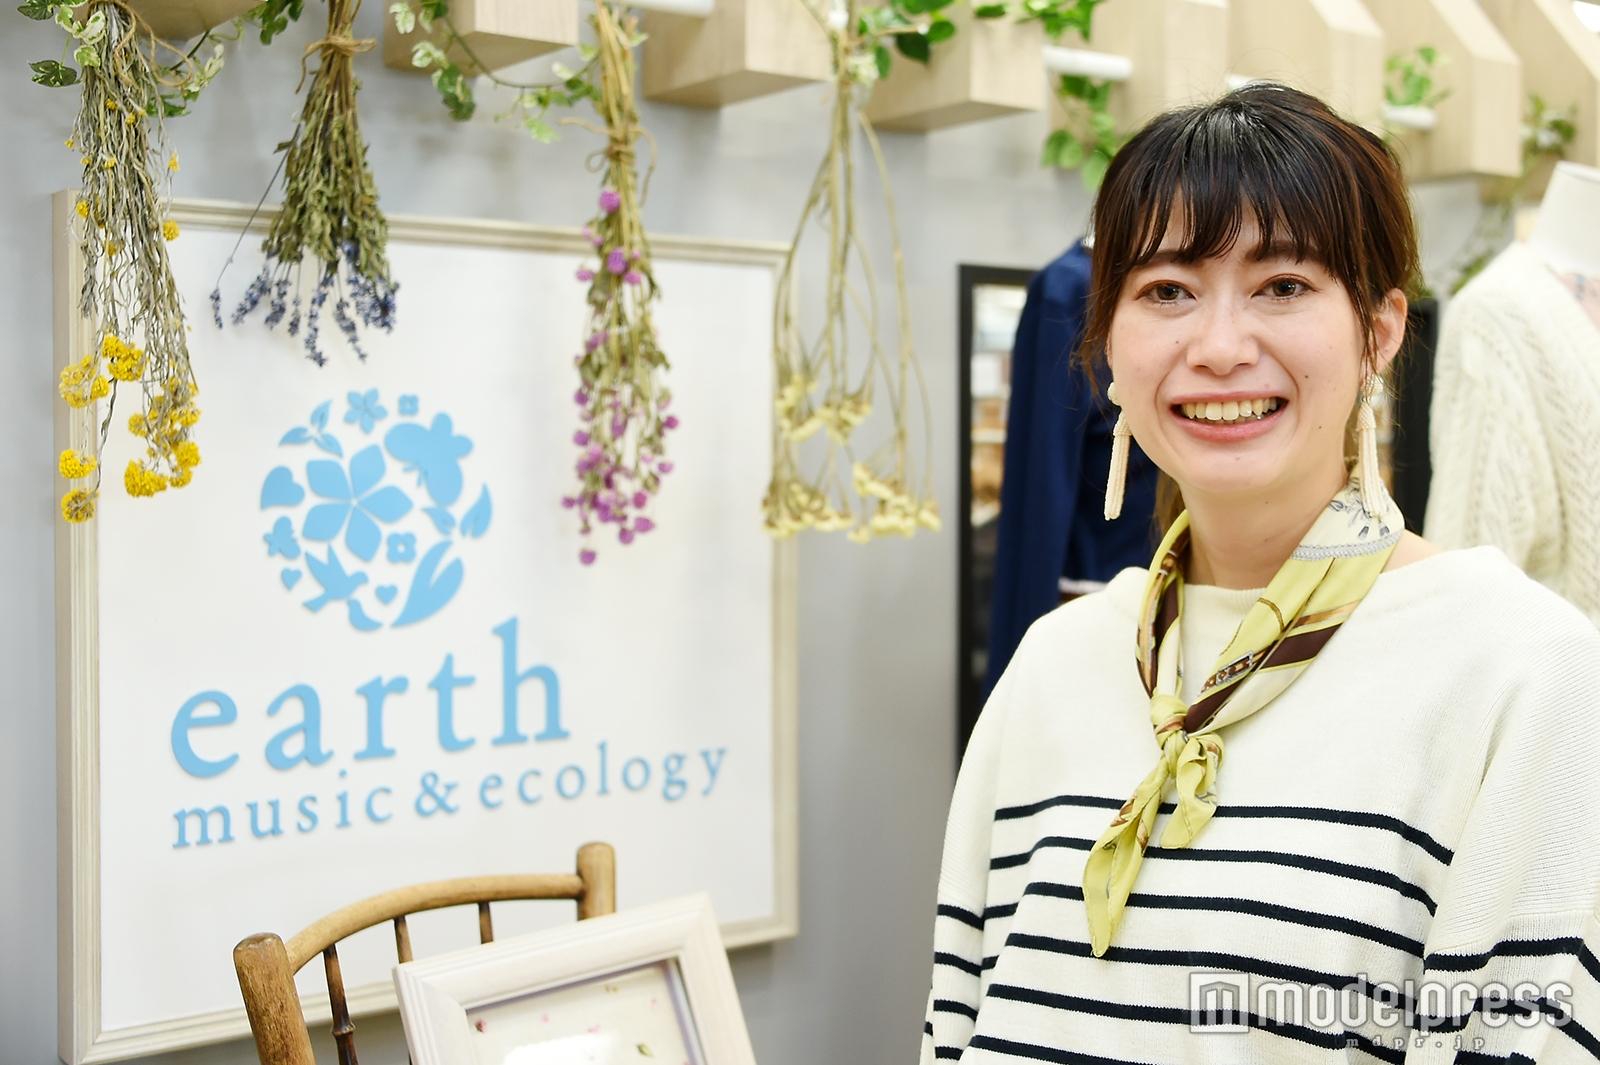 「earth music&ecology」販促担当の小山亜希子さん(C)モデルプレス